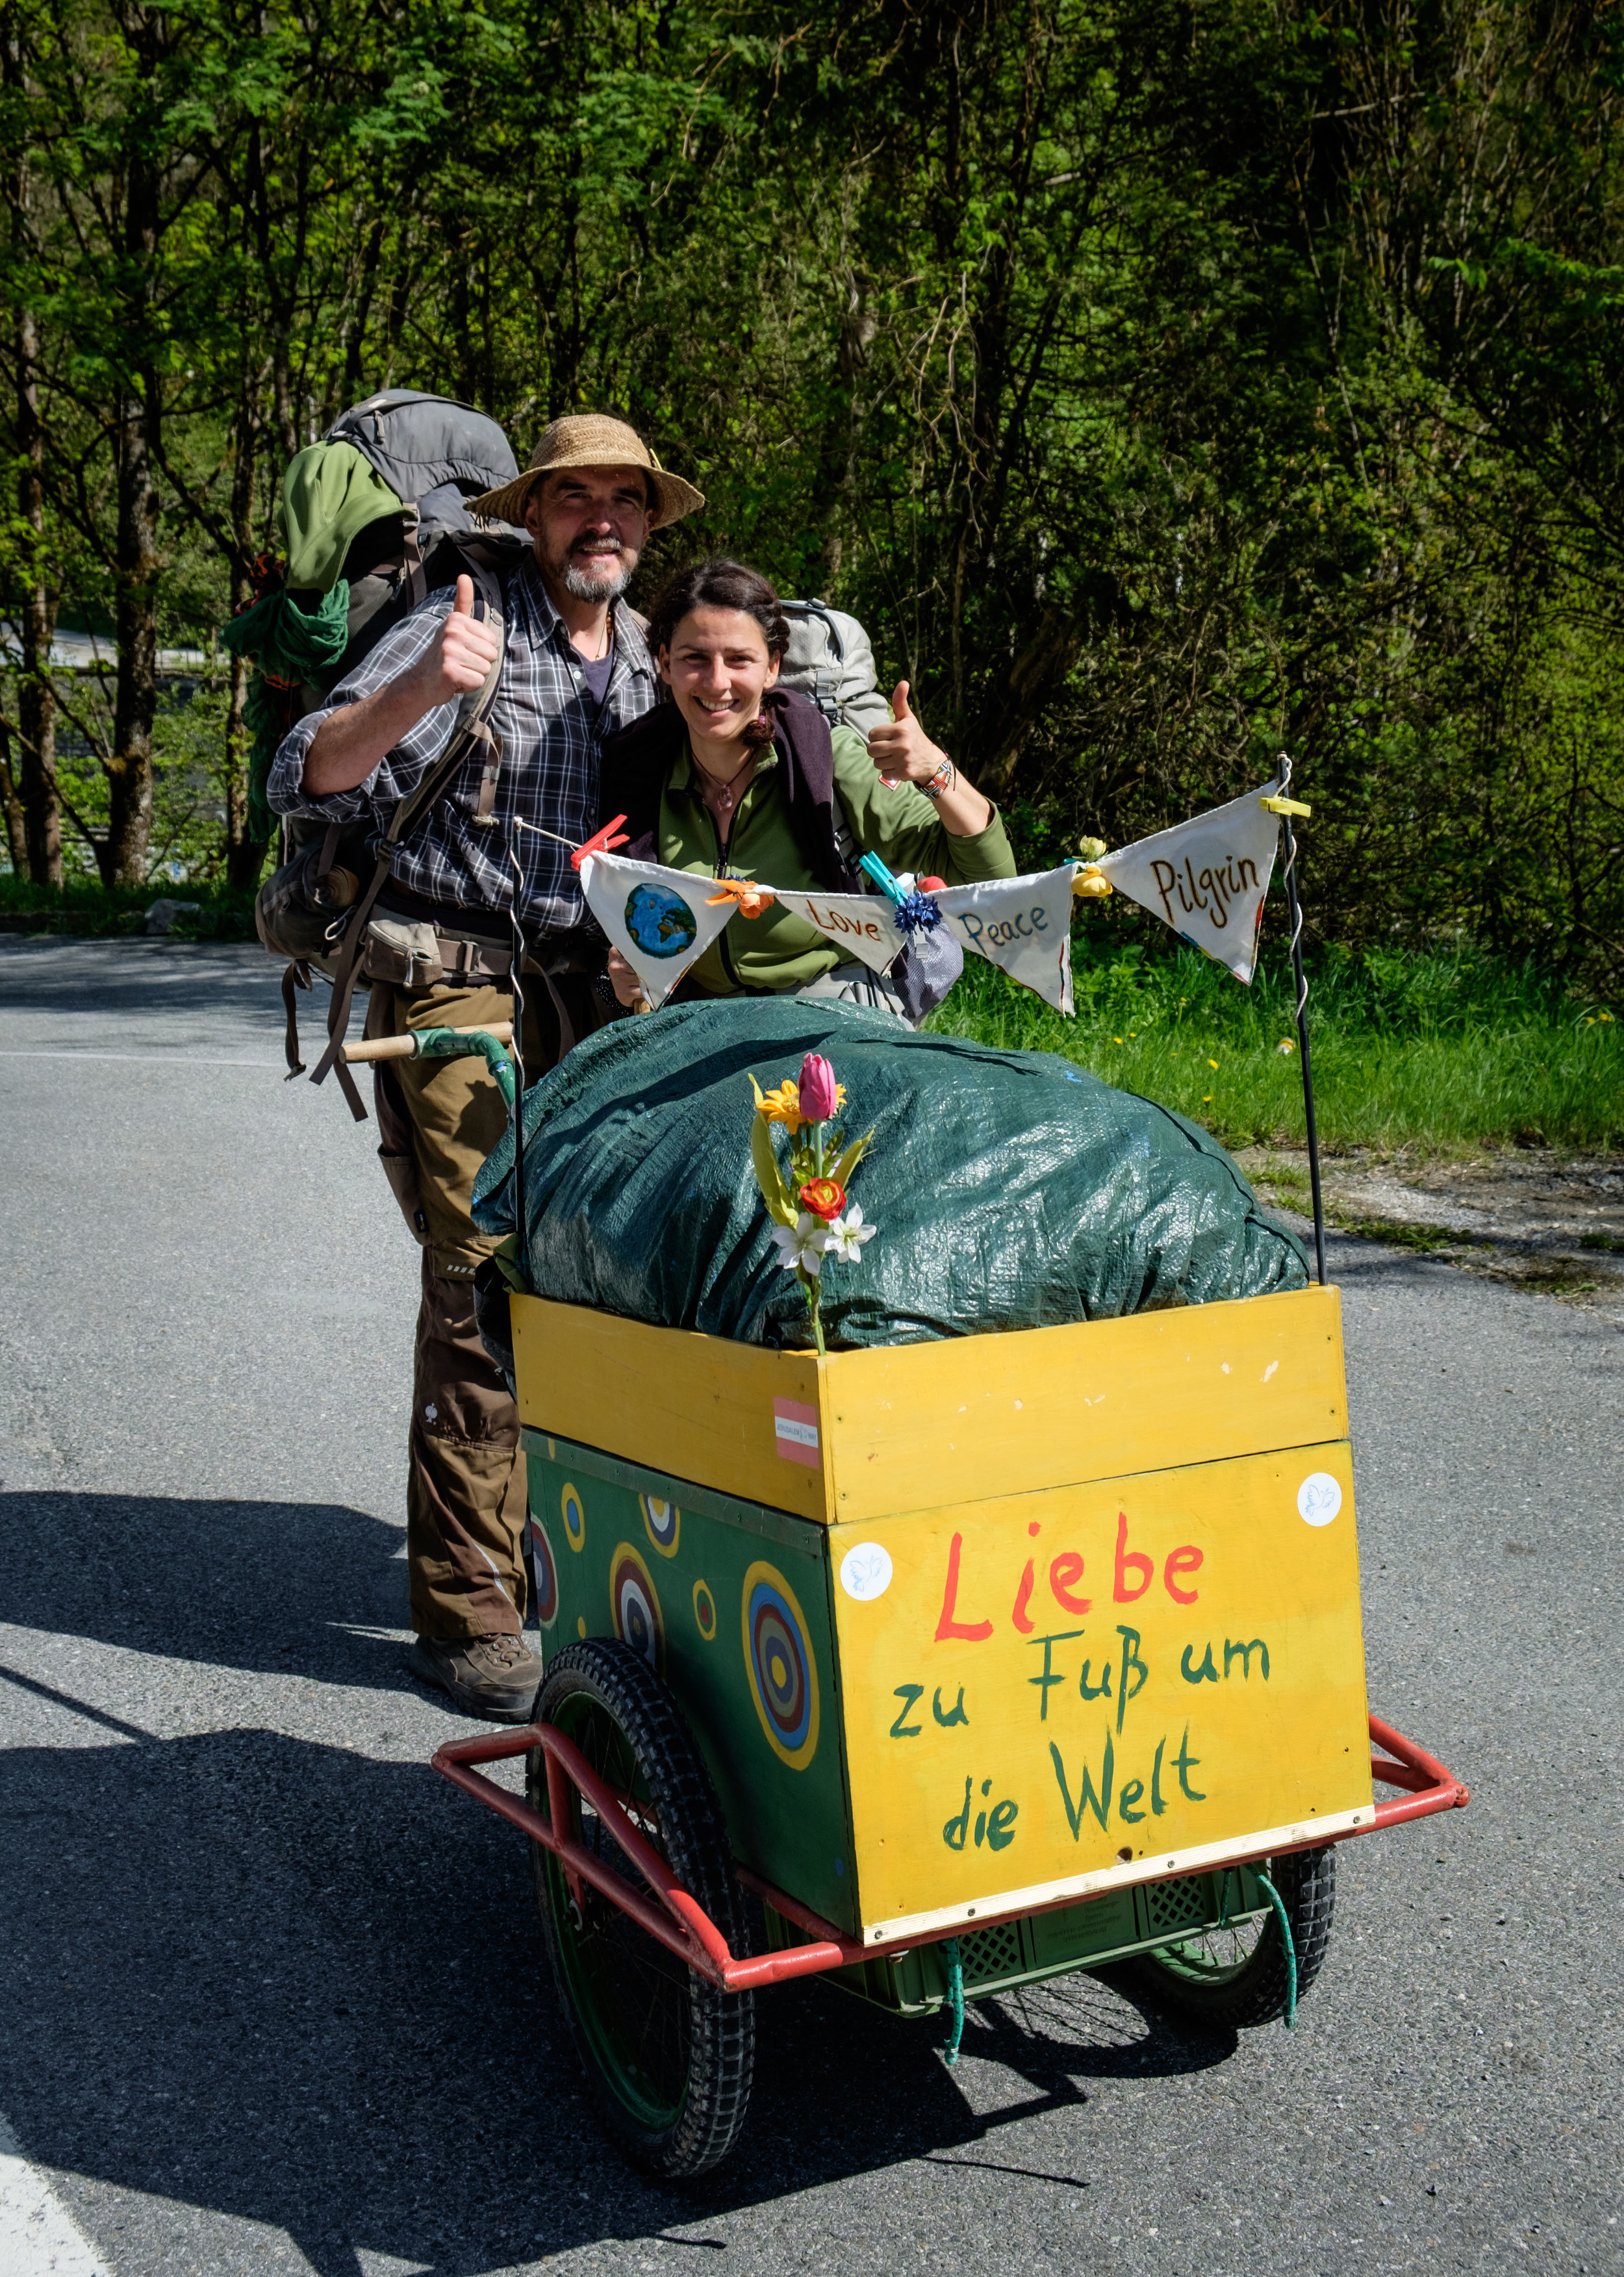 Ralph et Roya. 4 200 km à pied en Europe. Liebe signifie amour.